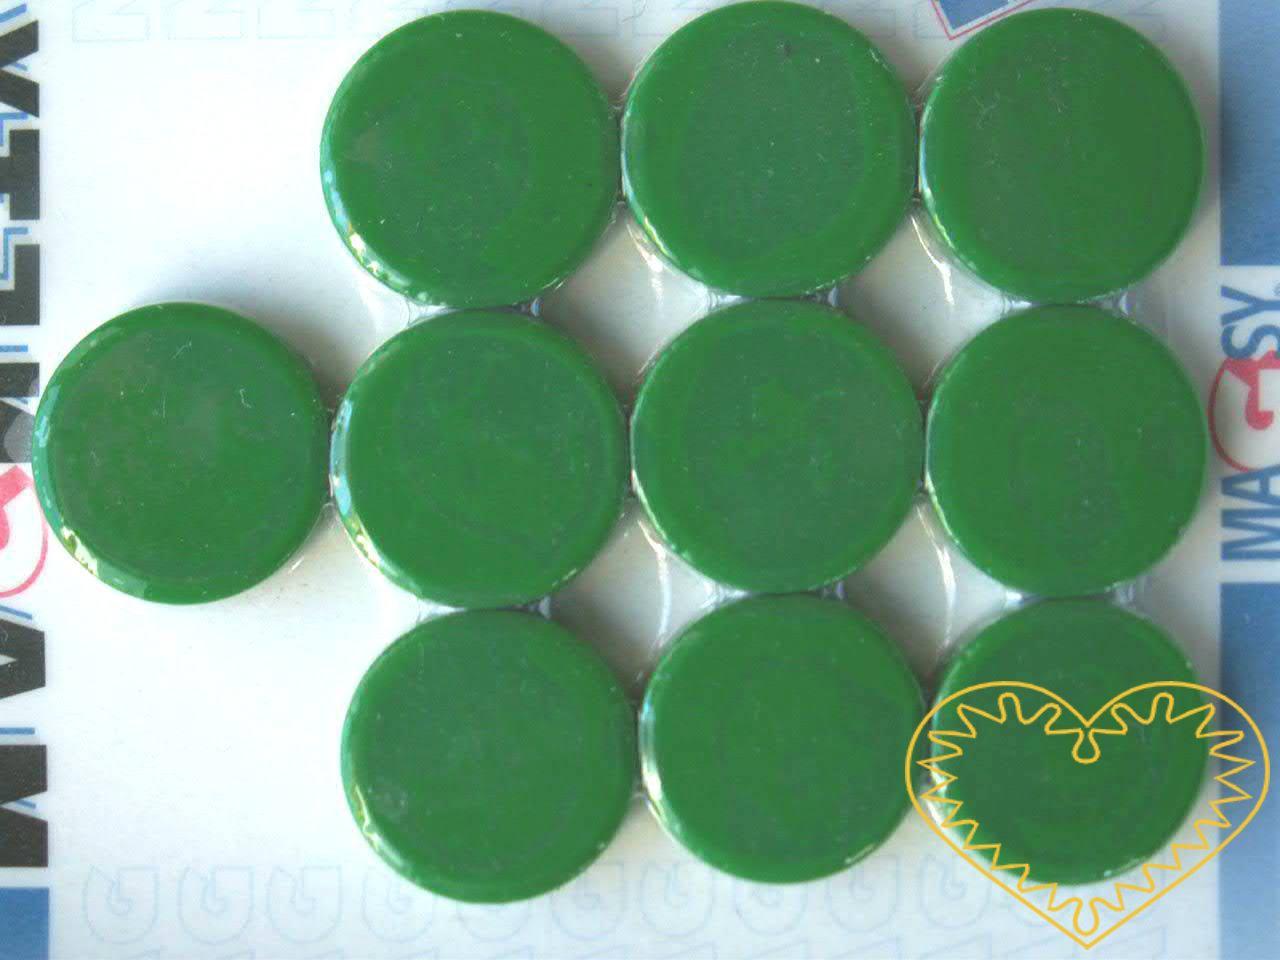 Sada 10 kusů zelených kulatých magnetů Ø 2 cm. Vhodné na magnetickou tabuli, nástěnku, flipchart či doma na lednici. Lze je využít jako základ pro tvorbu vlastních originálních magnetů.